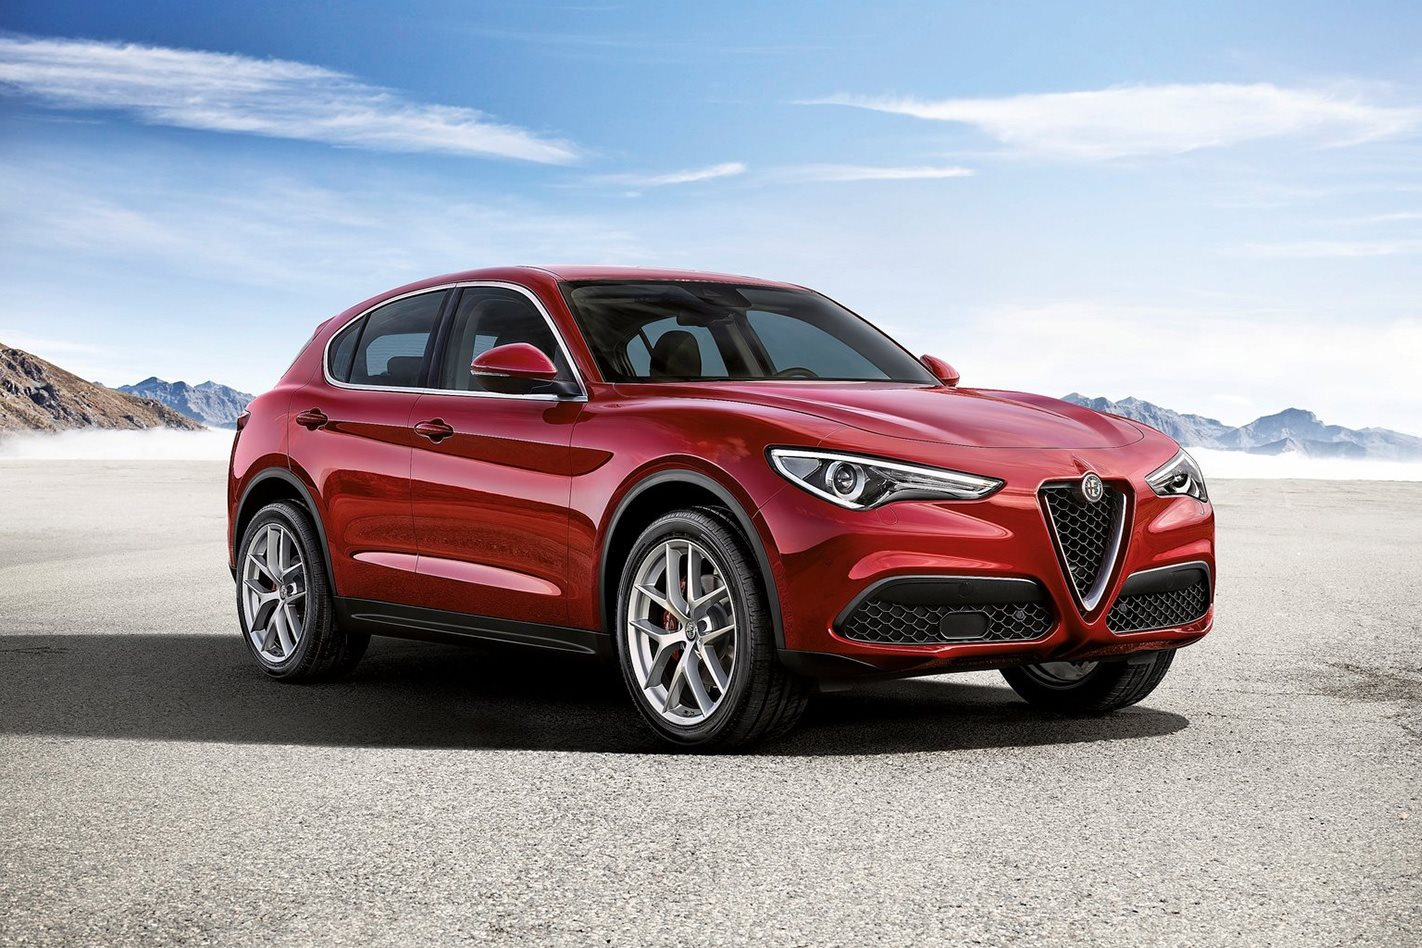 2018 Alfa Romeo Stelvio Price >> 2018 Alfa Romeo Stelvio Ti Pricing And Features